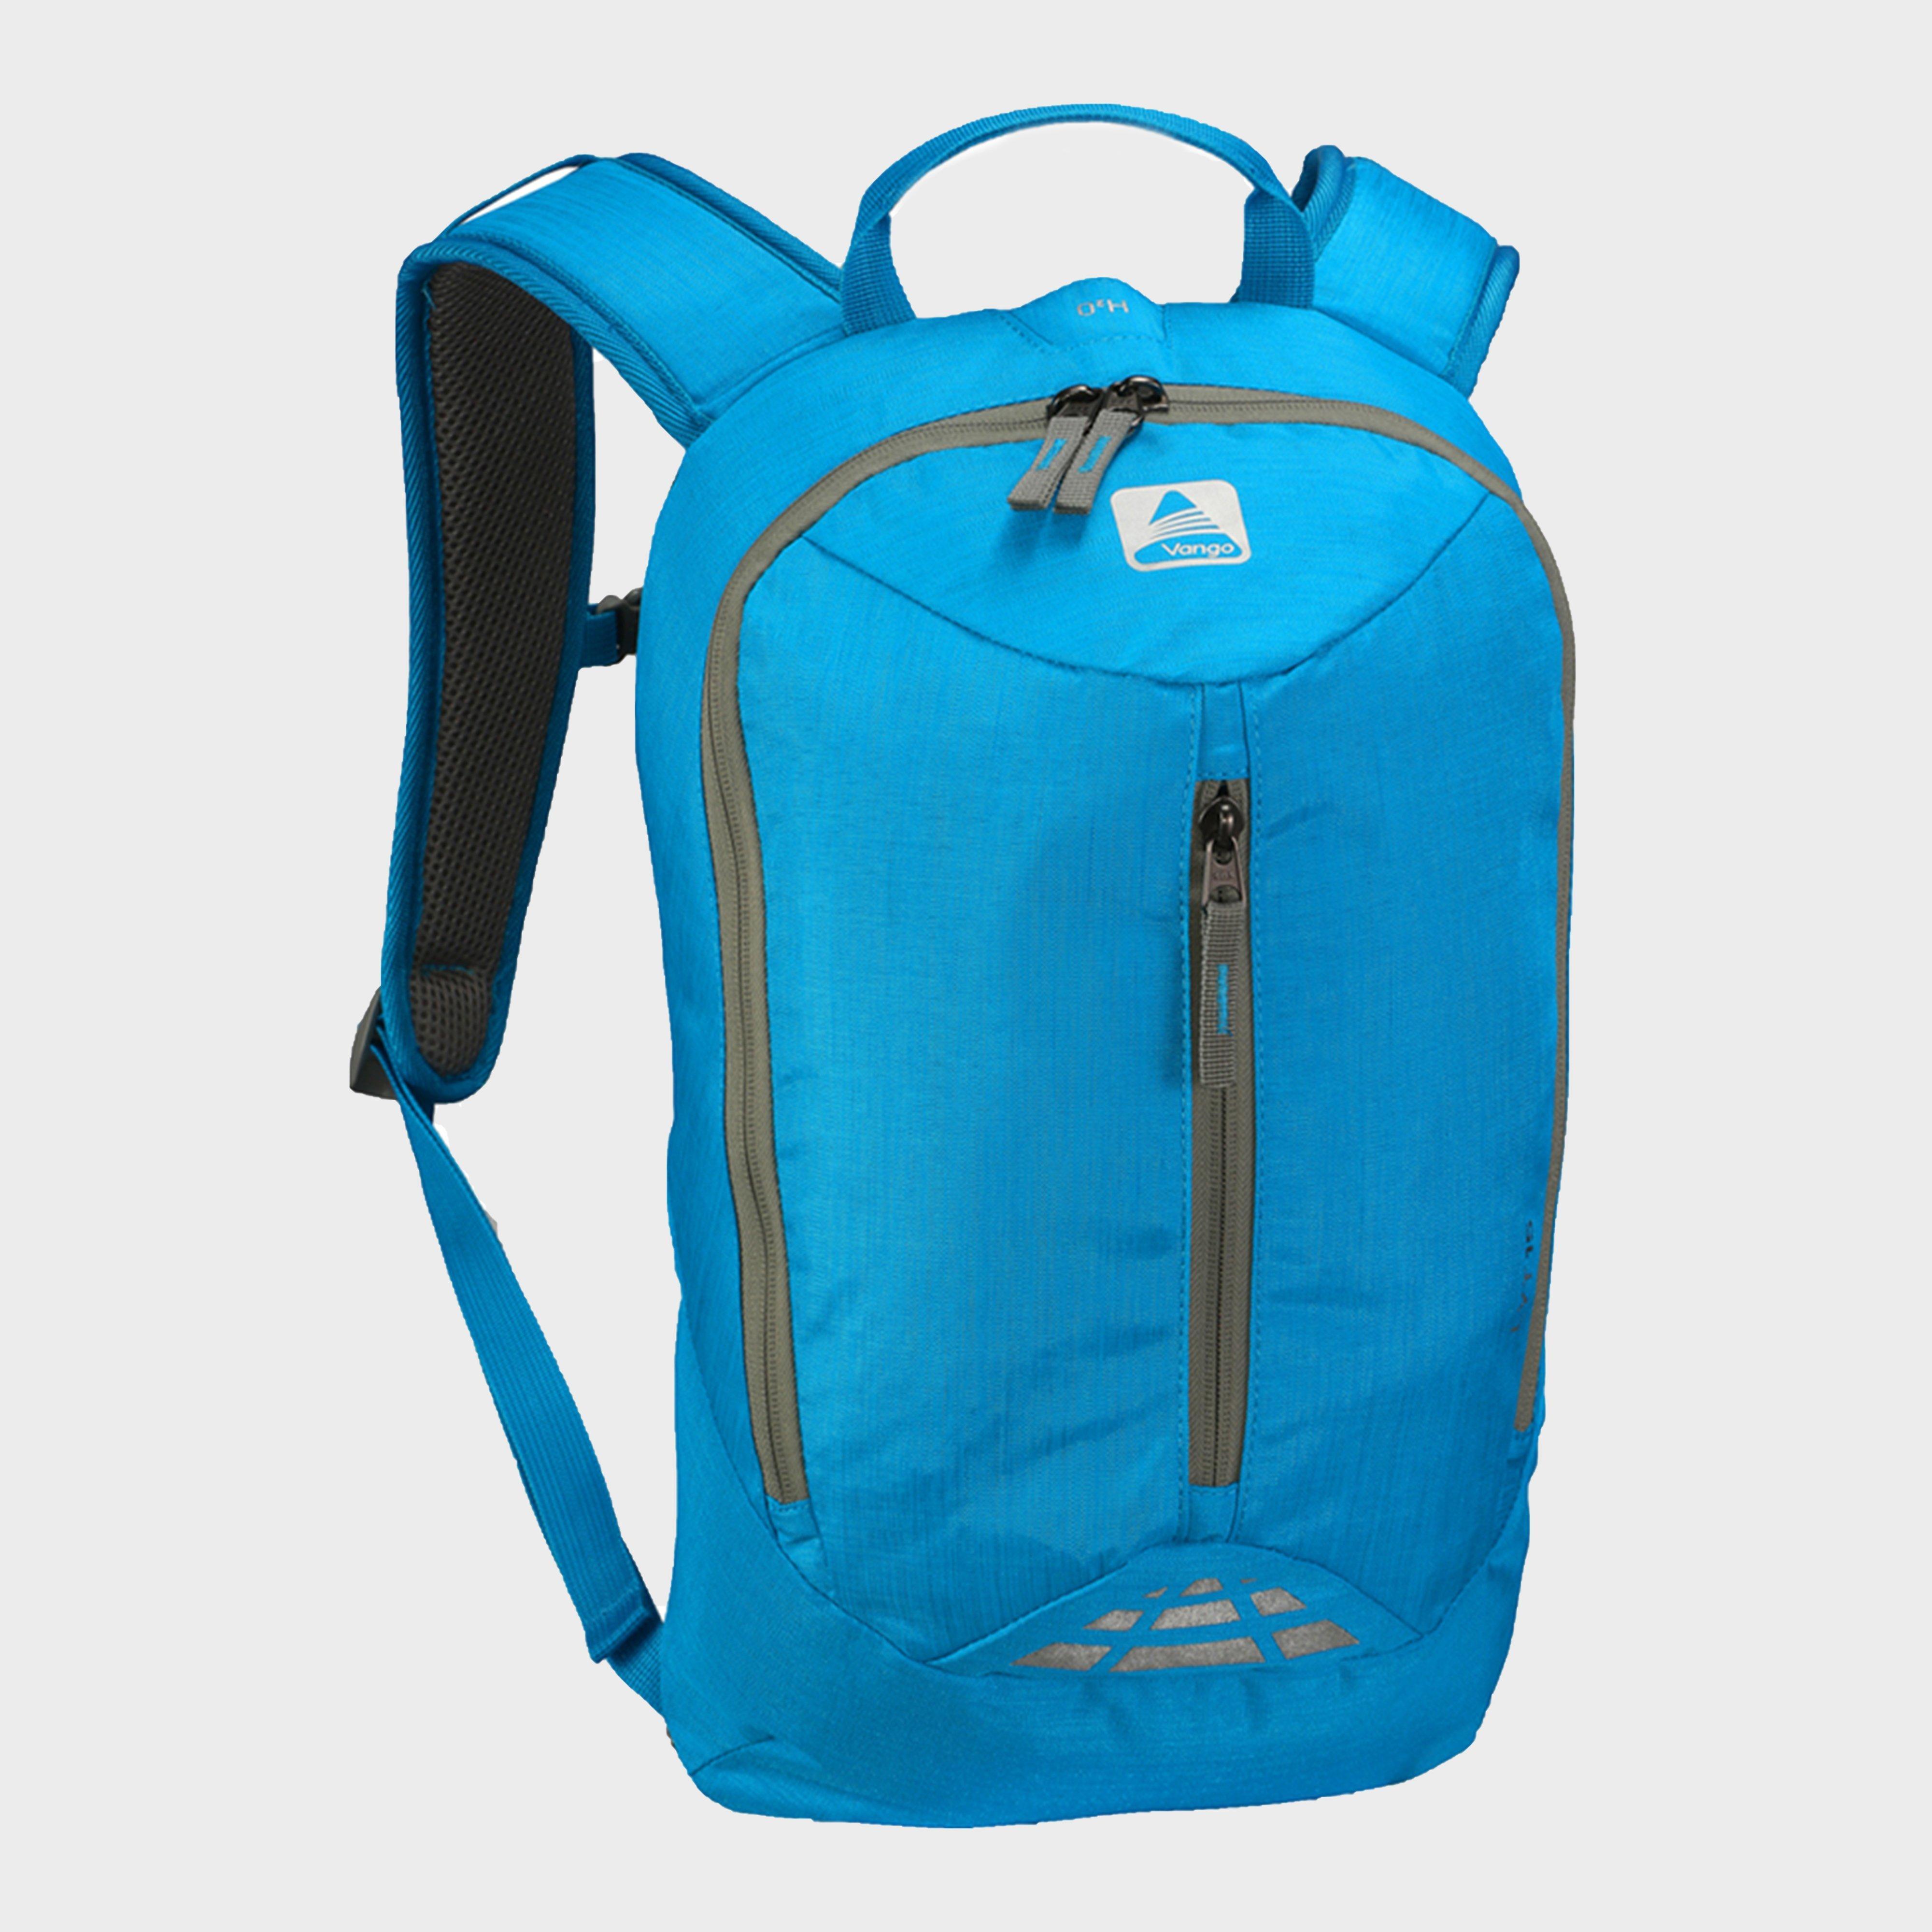 Vango Vango Lyt 15 Backpack